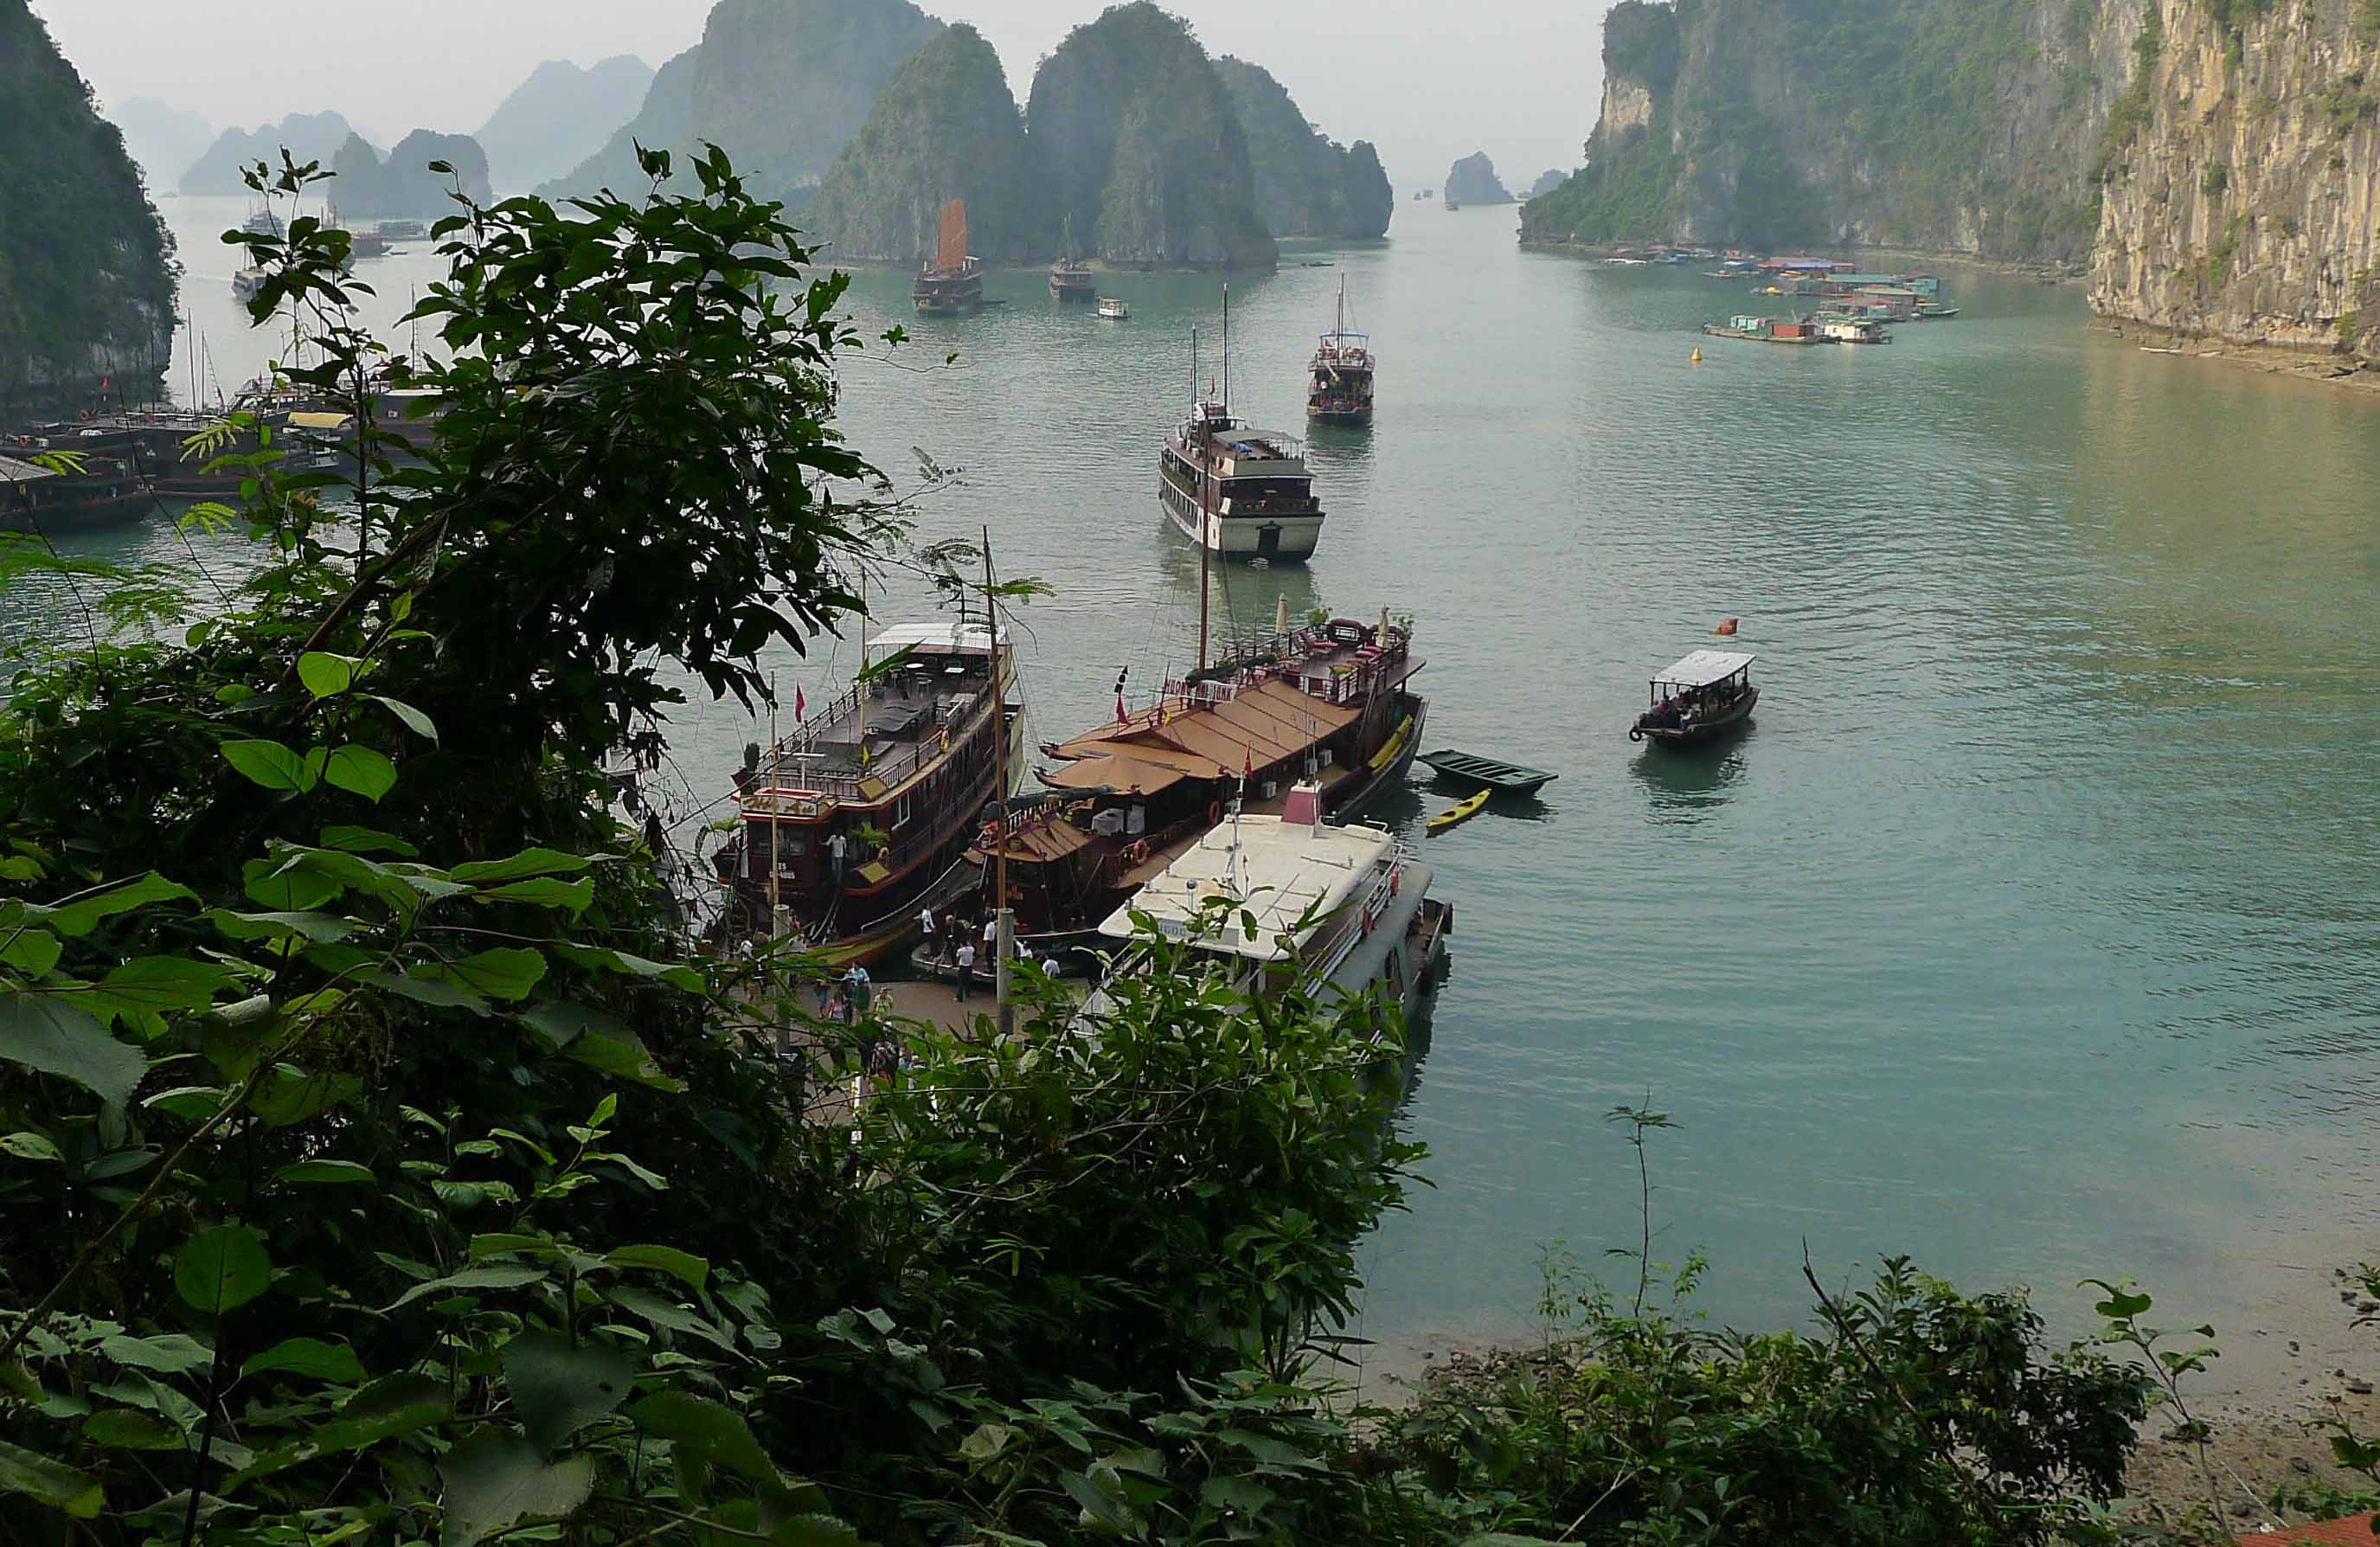 Asiatica Travel Bewertungen - Referenzen von Frau. Andrea Düsterhöft